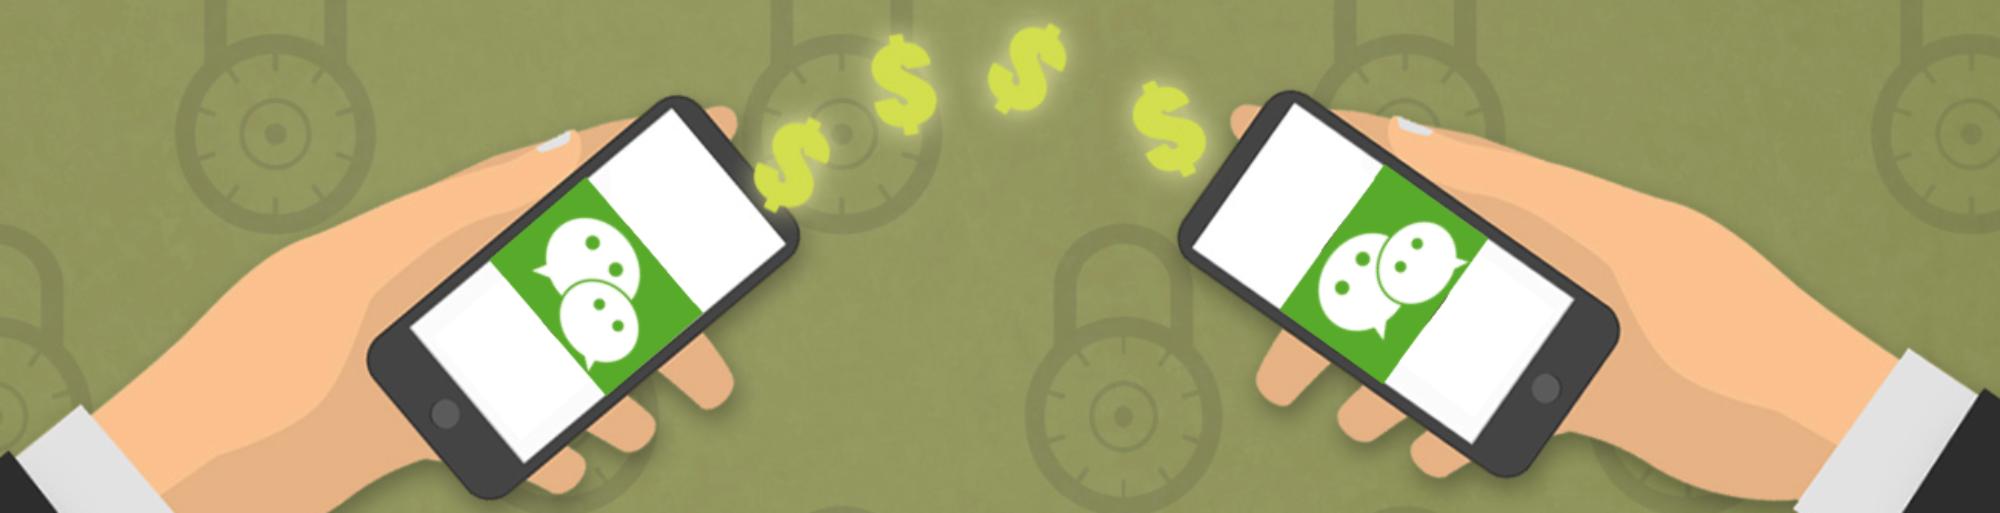 Transfer Money - обзор сервисов денежных переводов, инструкция по регистрации, отзывы клиентов